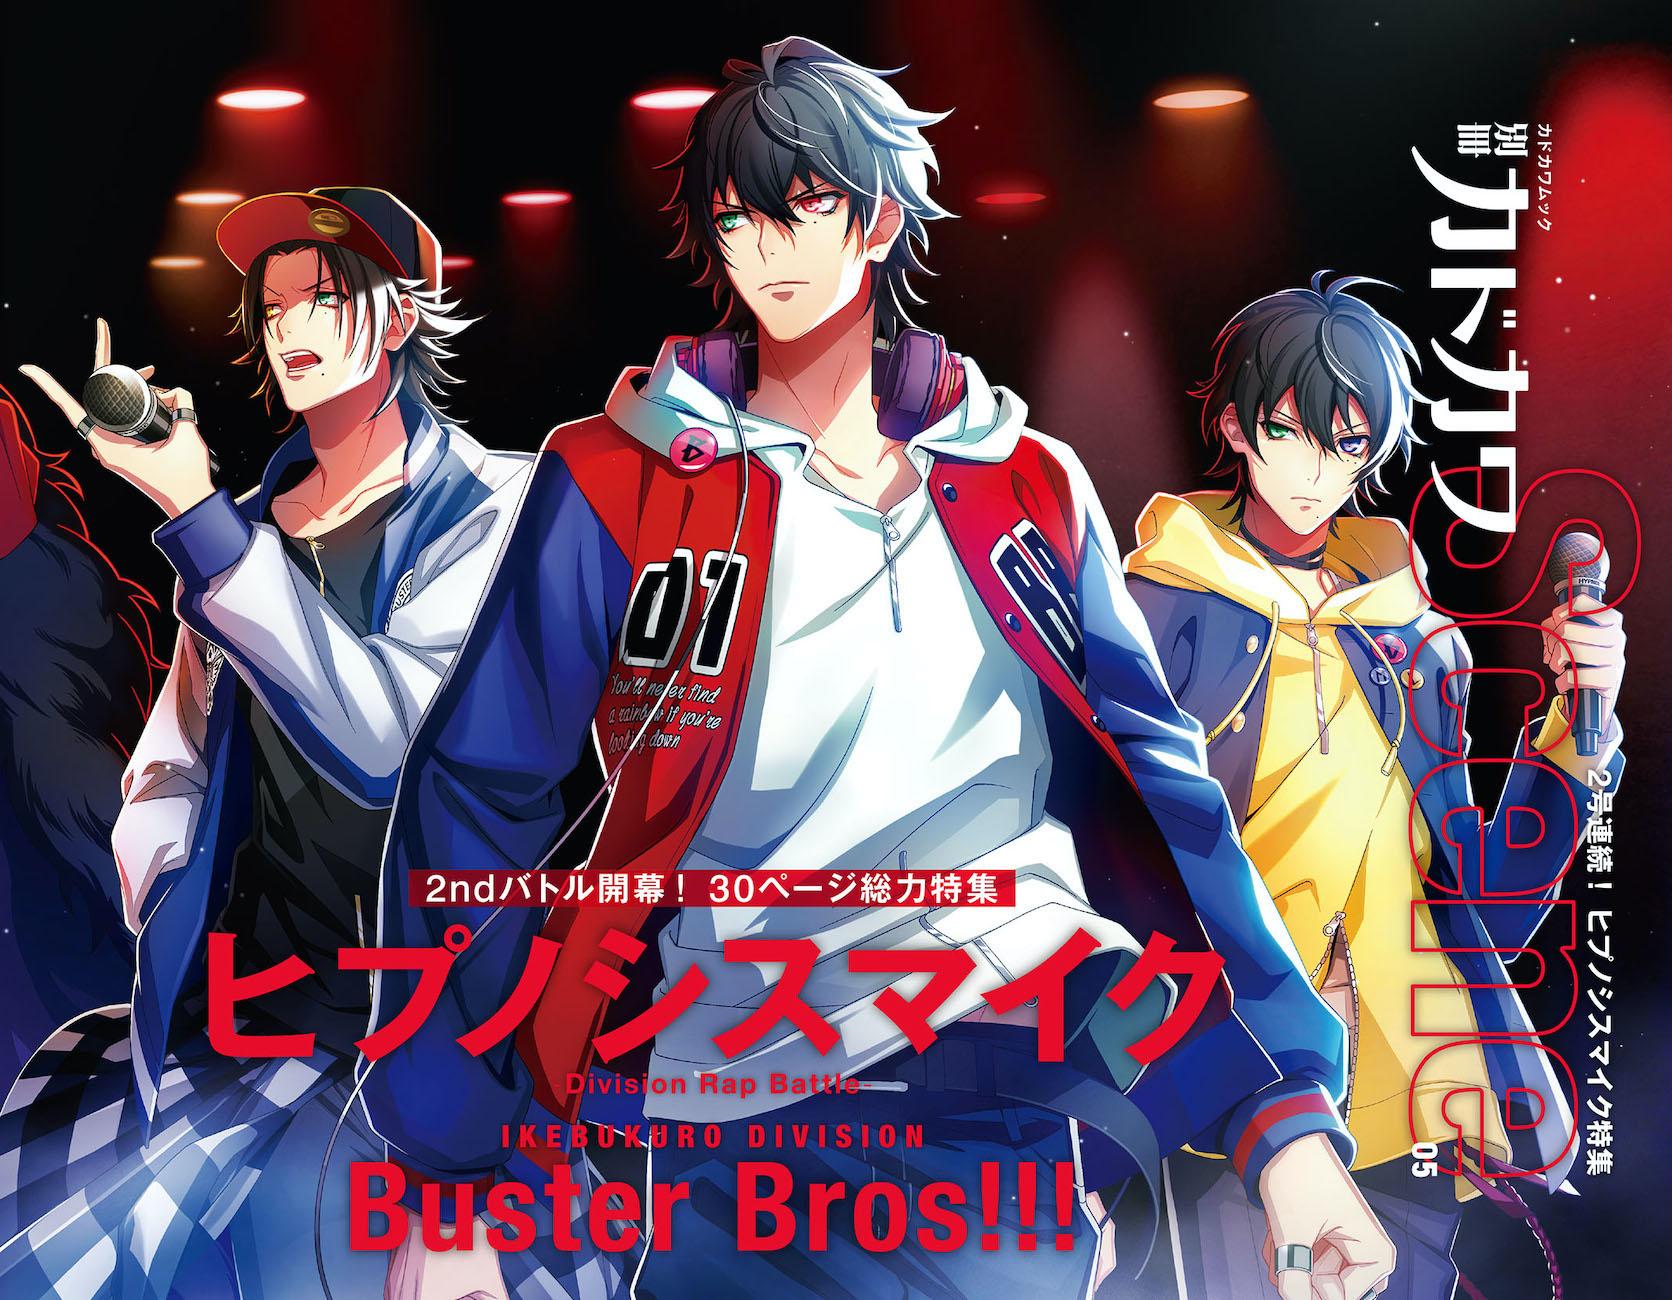 「別冊カドカワScene 05」イケブクロ・ディビジョン/Buster Bros!!!表紙